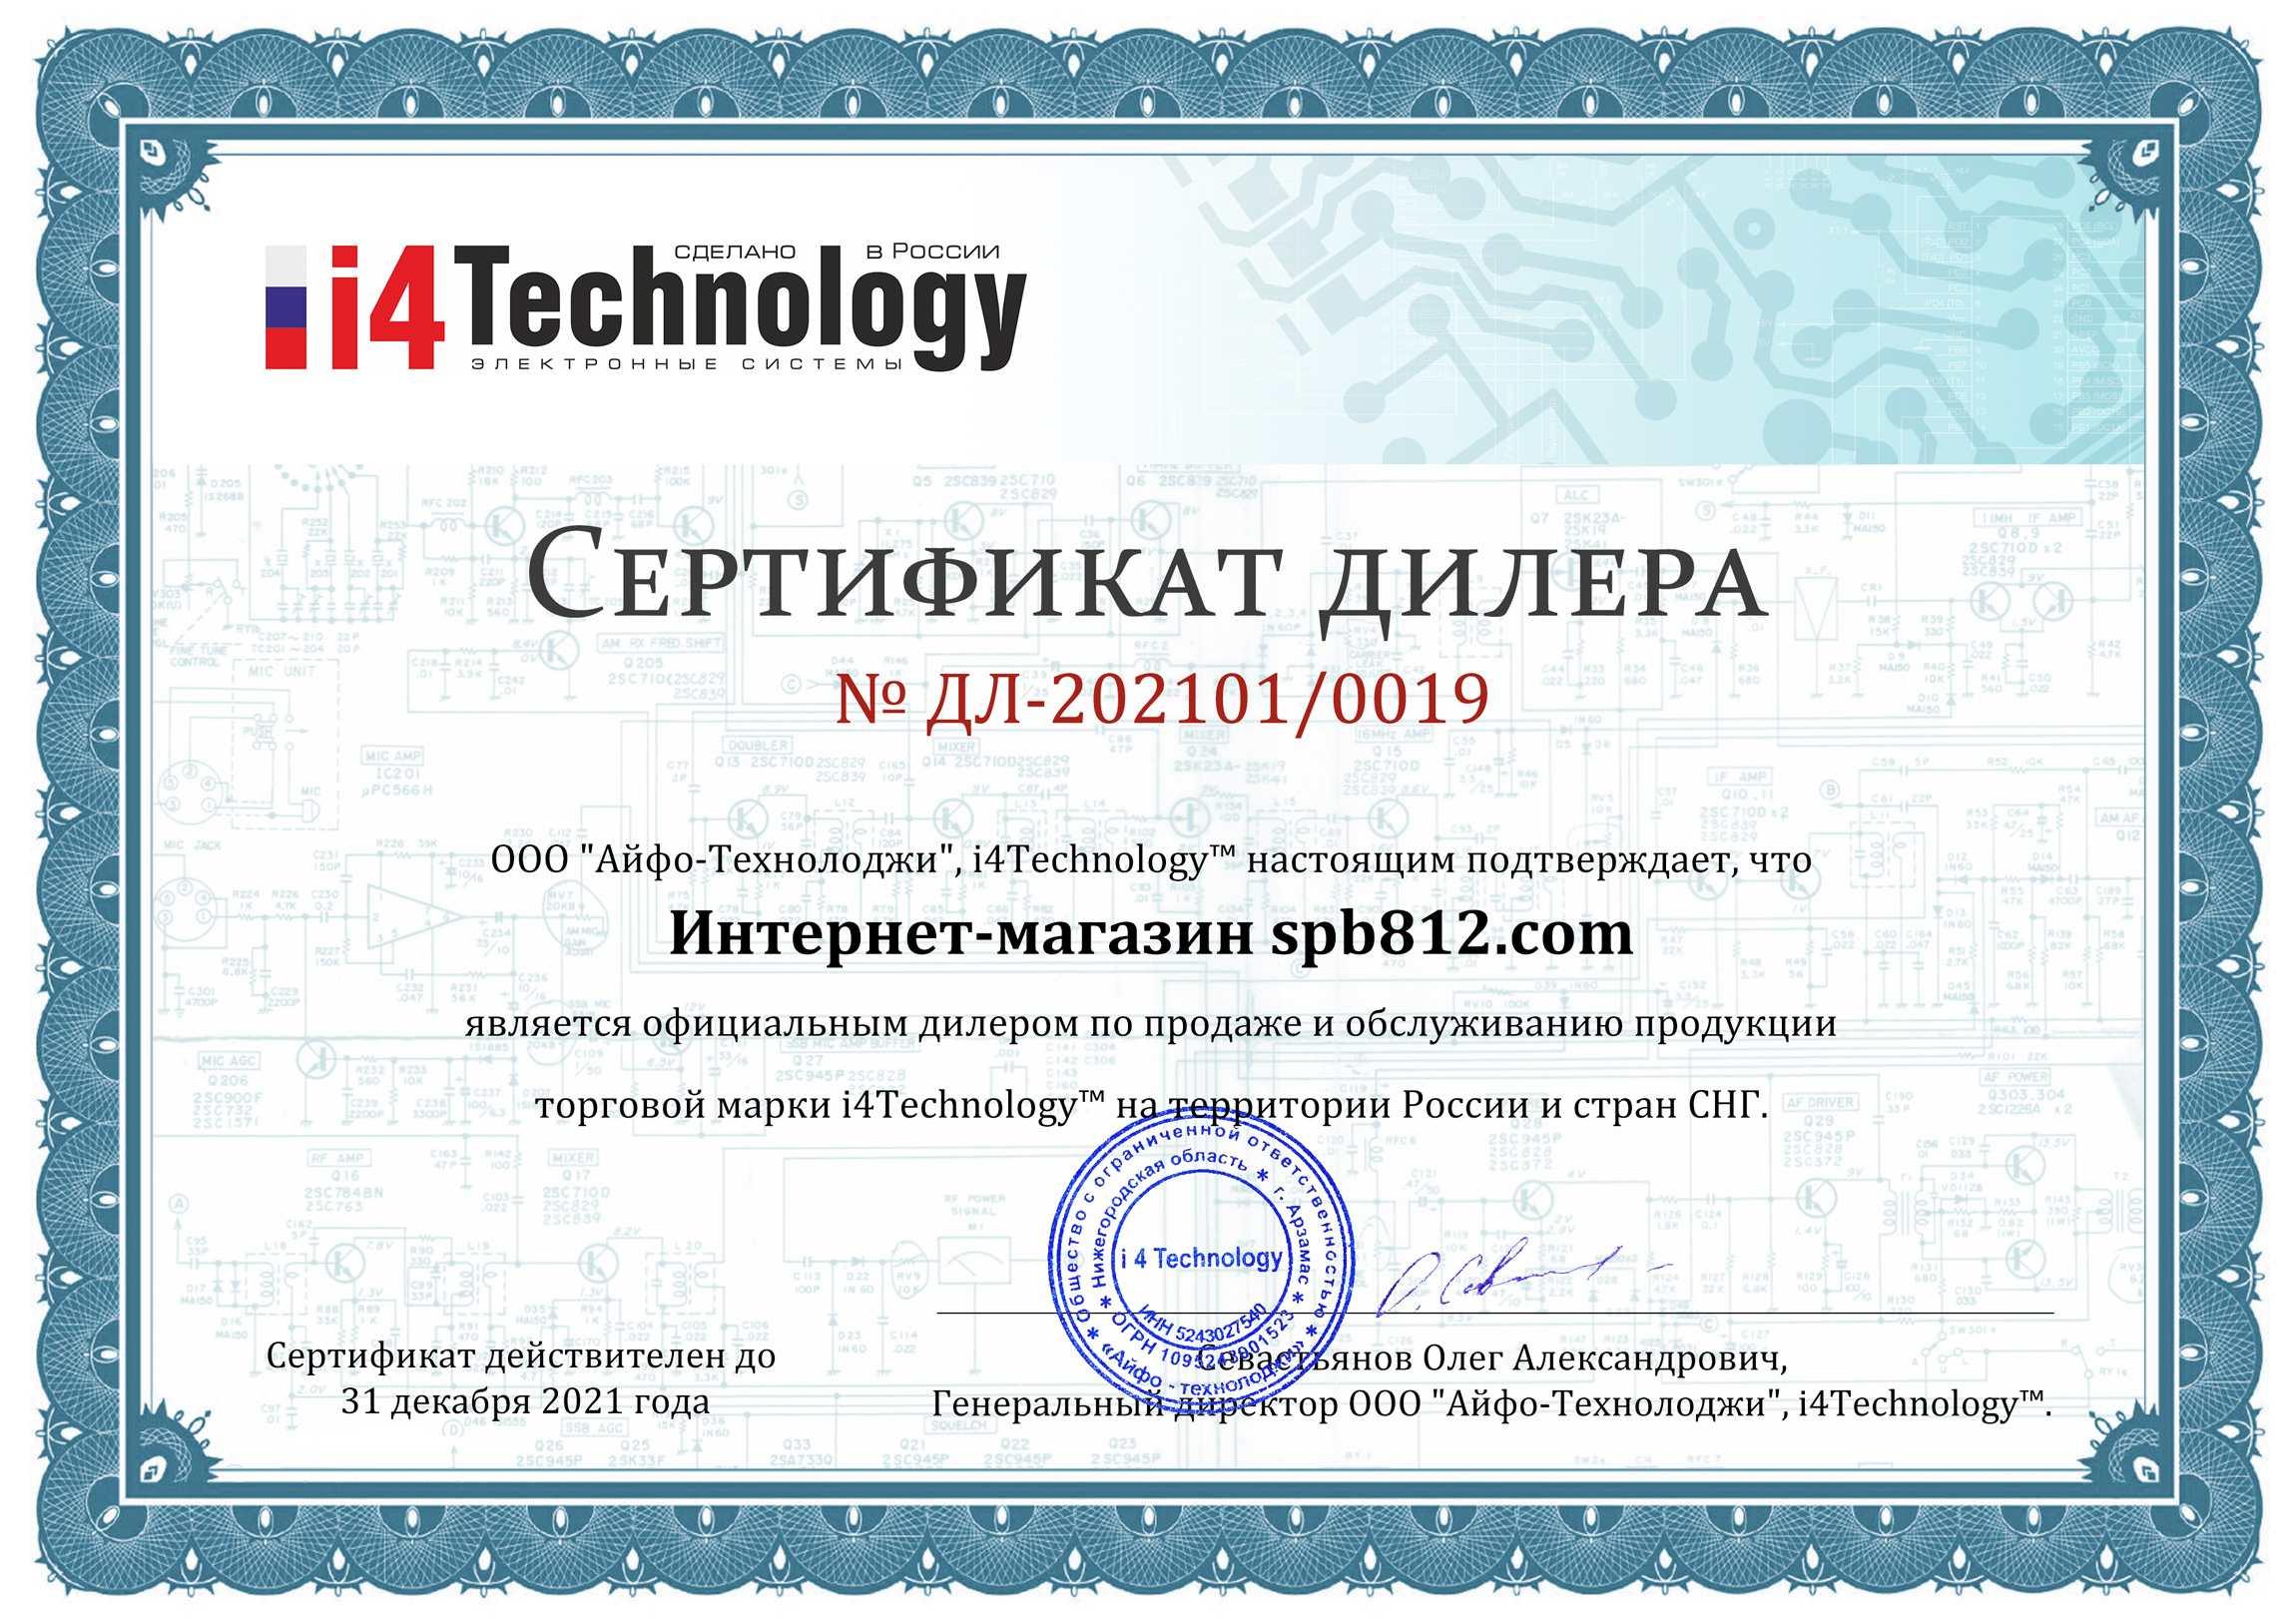 Наш магазин является официальным дилером компании i4Technology и имеет соответствующий сертификат (нажмите для увеличения)